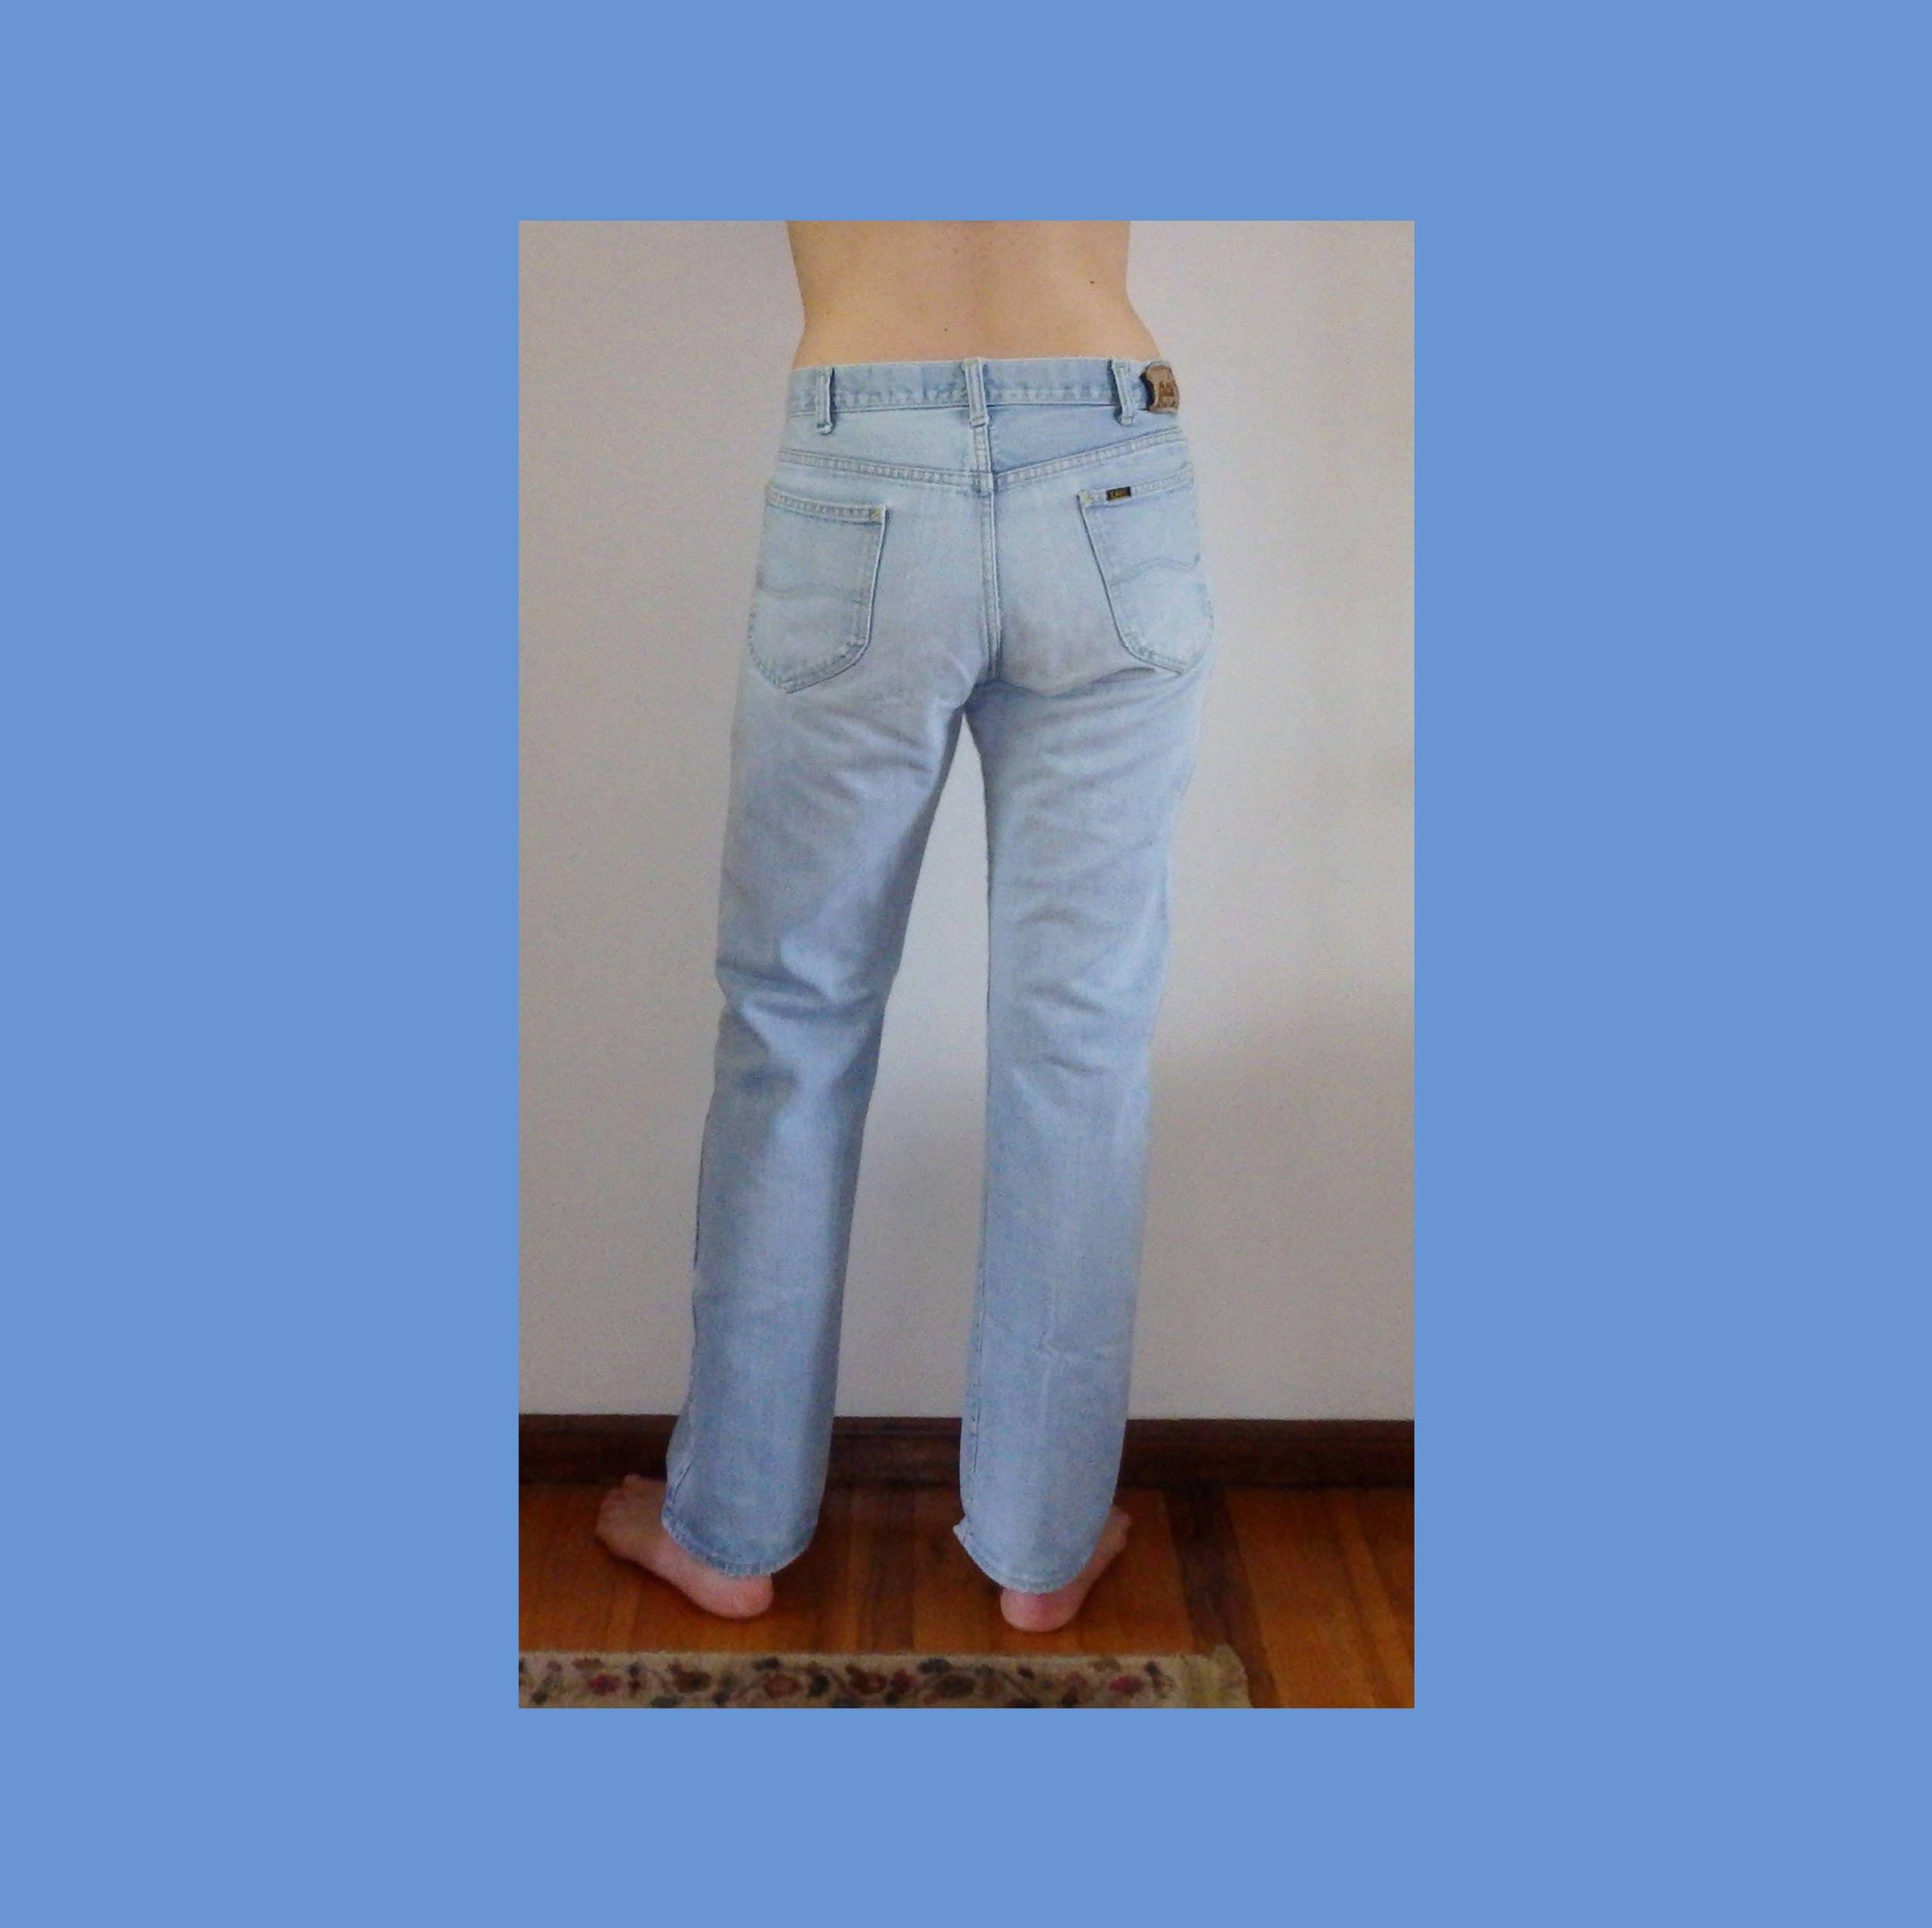 70 s s 70 LEE Jeans ~ Talon Zipper 42 ~ fondu Lt bleu ~ Patch en cuir ~ Vintage ~ Grunge ~ Festival ~ détresse ~ copain ~ Union fabriquée aux USA ~ vrai 32 x 31 ~ unisexe 156eaa